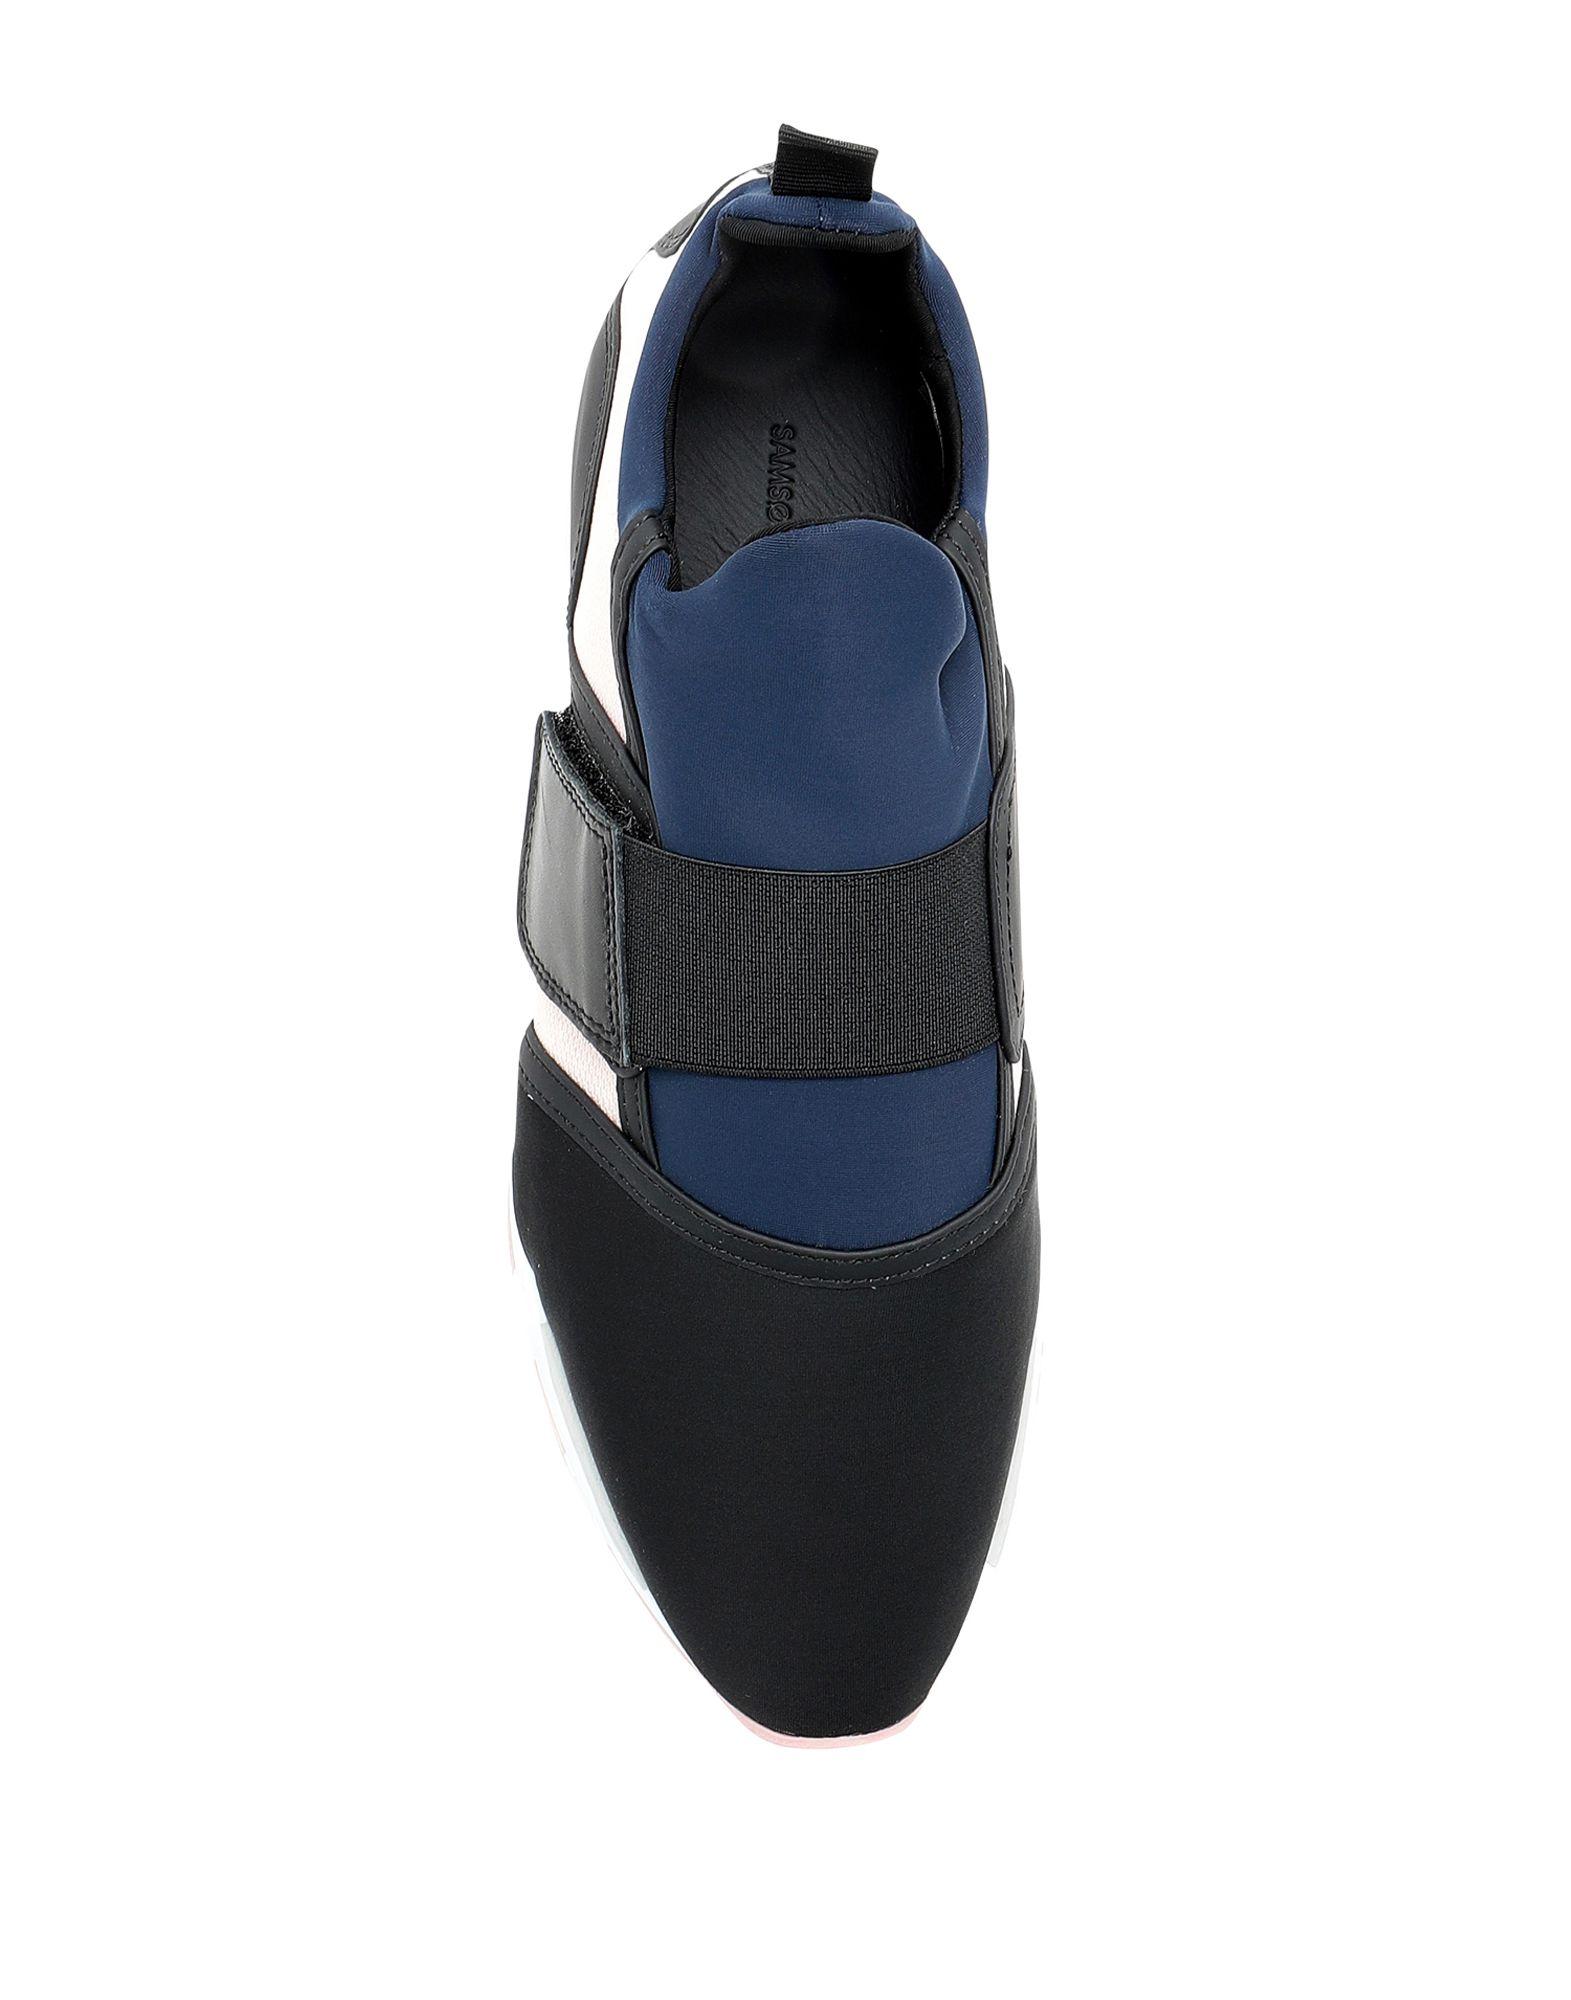 Samsøe aussehende Φ Samsøe Vela 11538642AKGut aussehende Samsøe strapazierfähige Schuhe c5f2bc